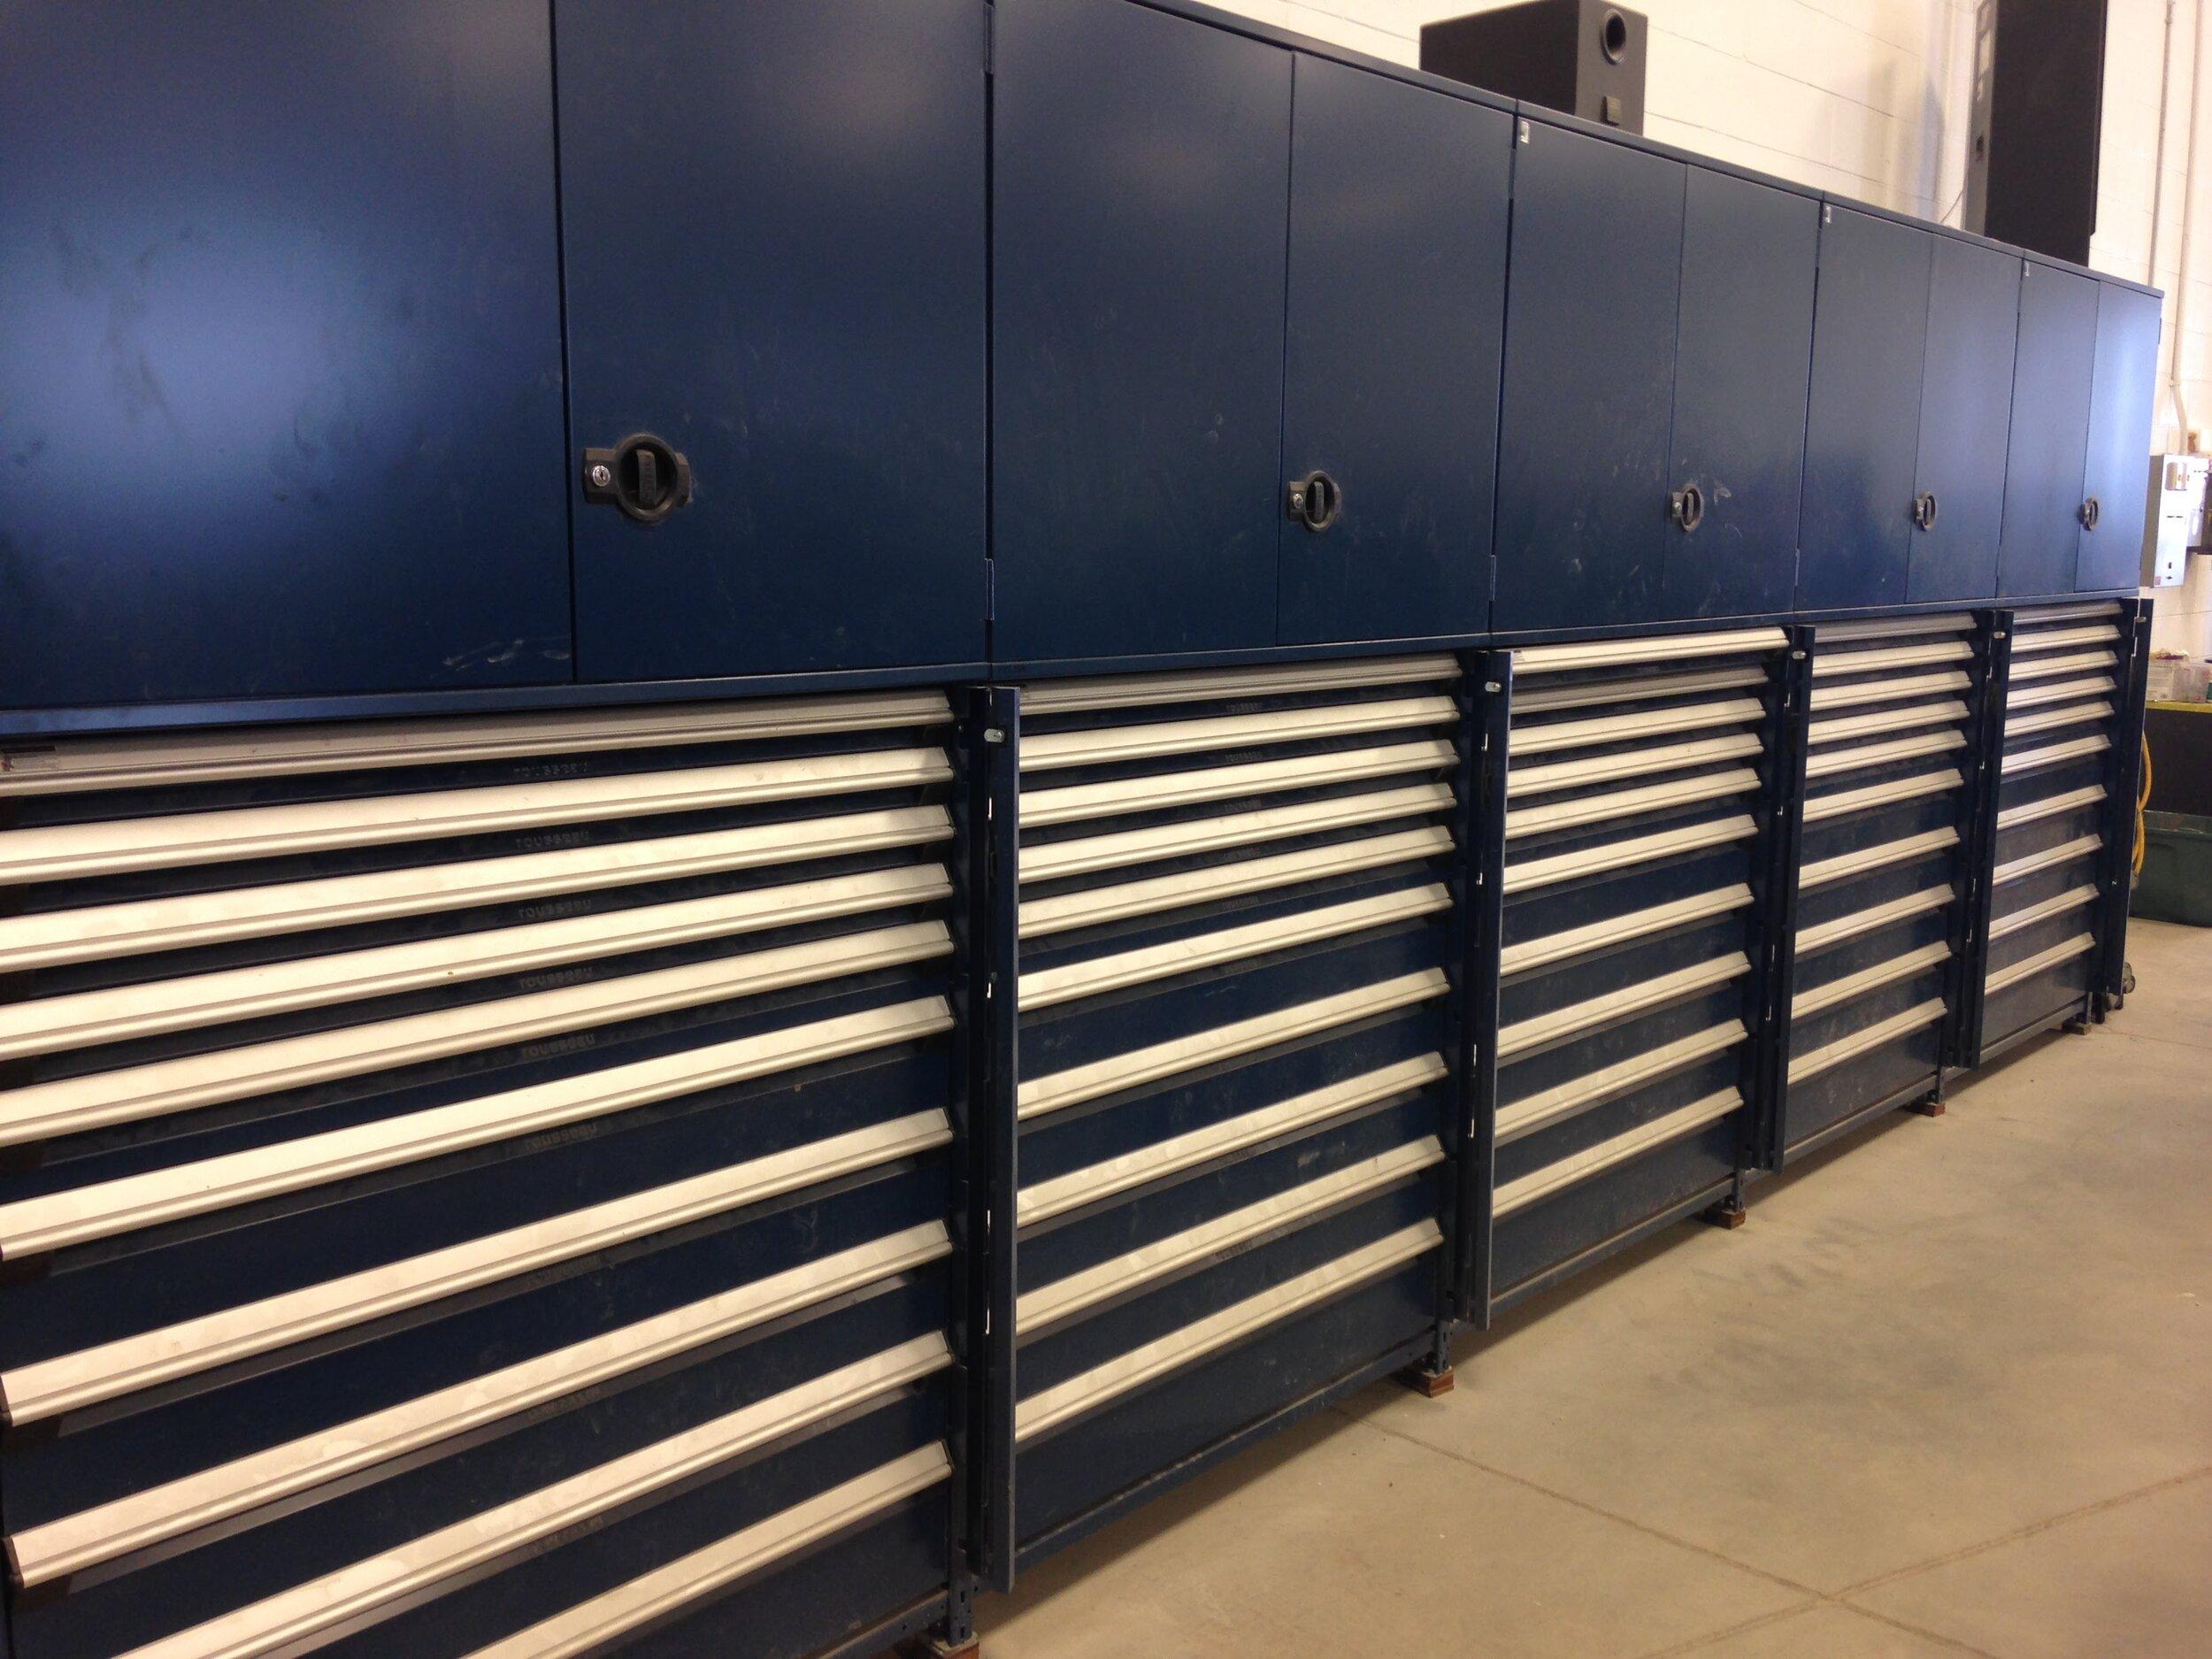 drawers in shelving body shop celebration ford moosomin rousseau waymarc steve atkinson.jpg